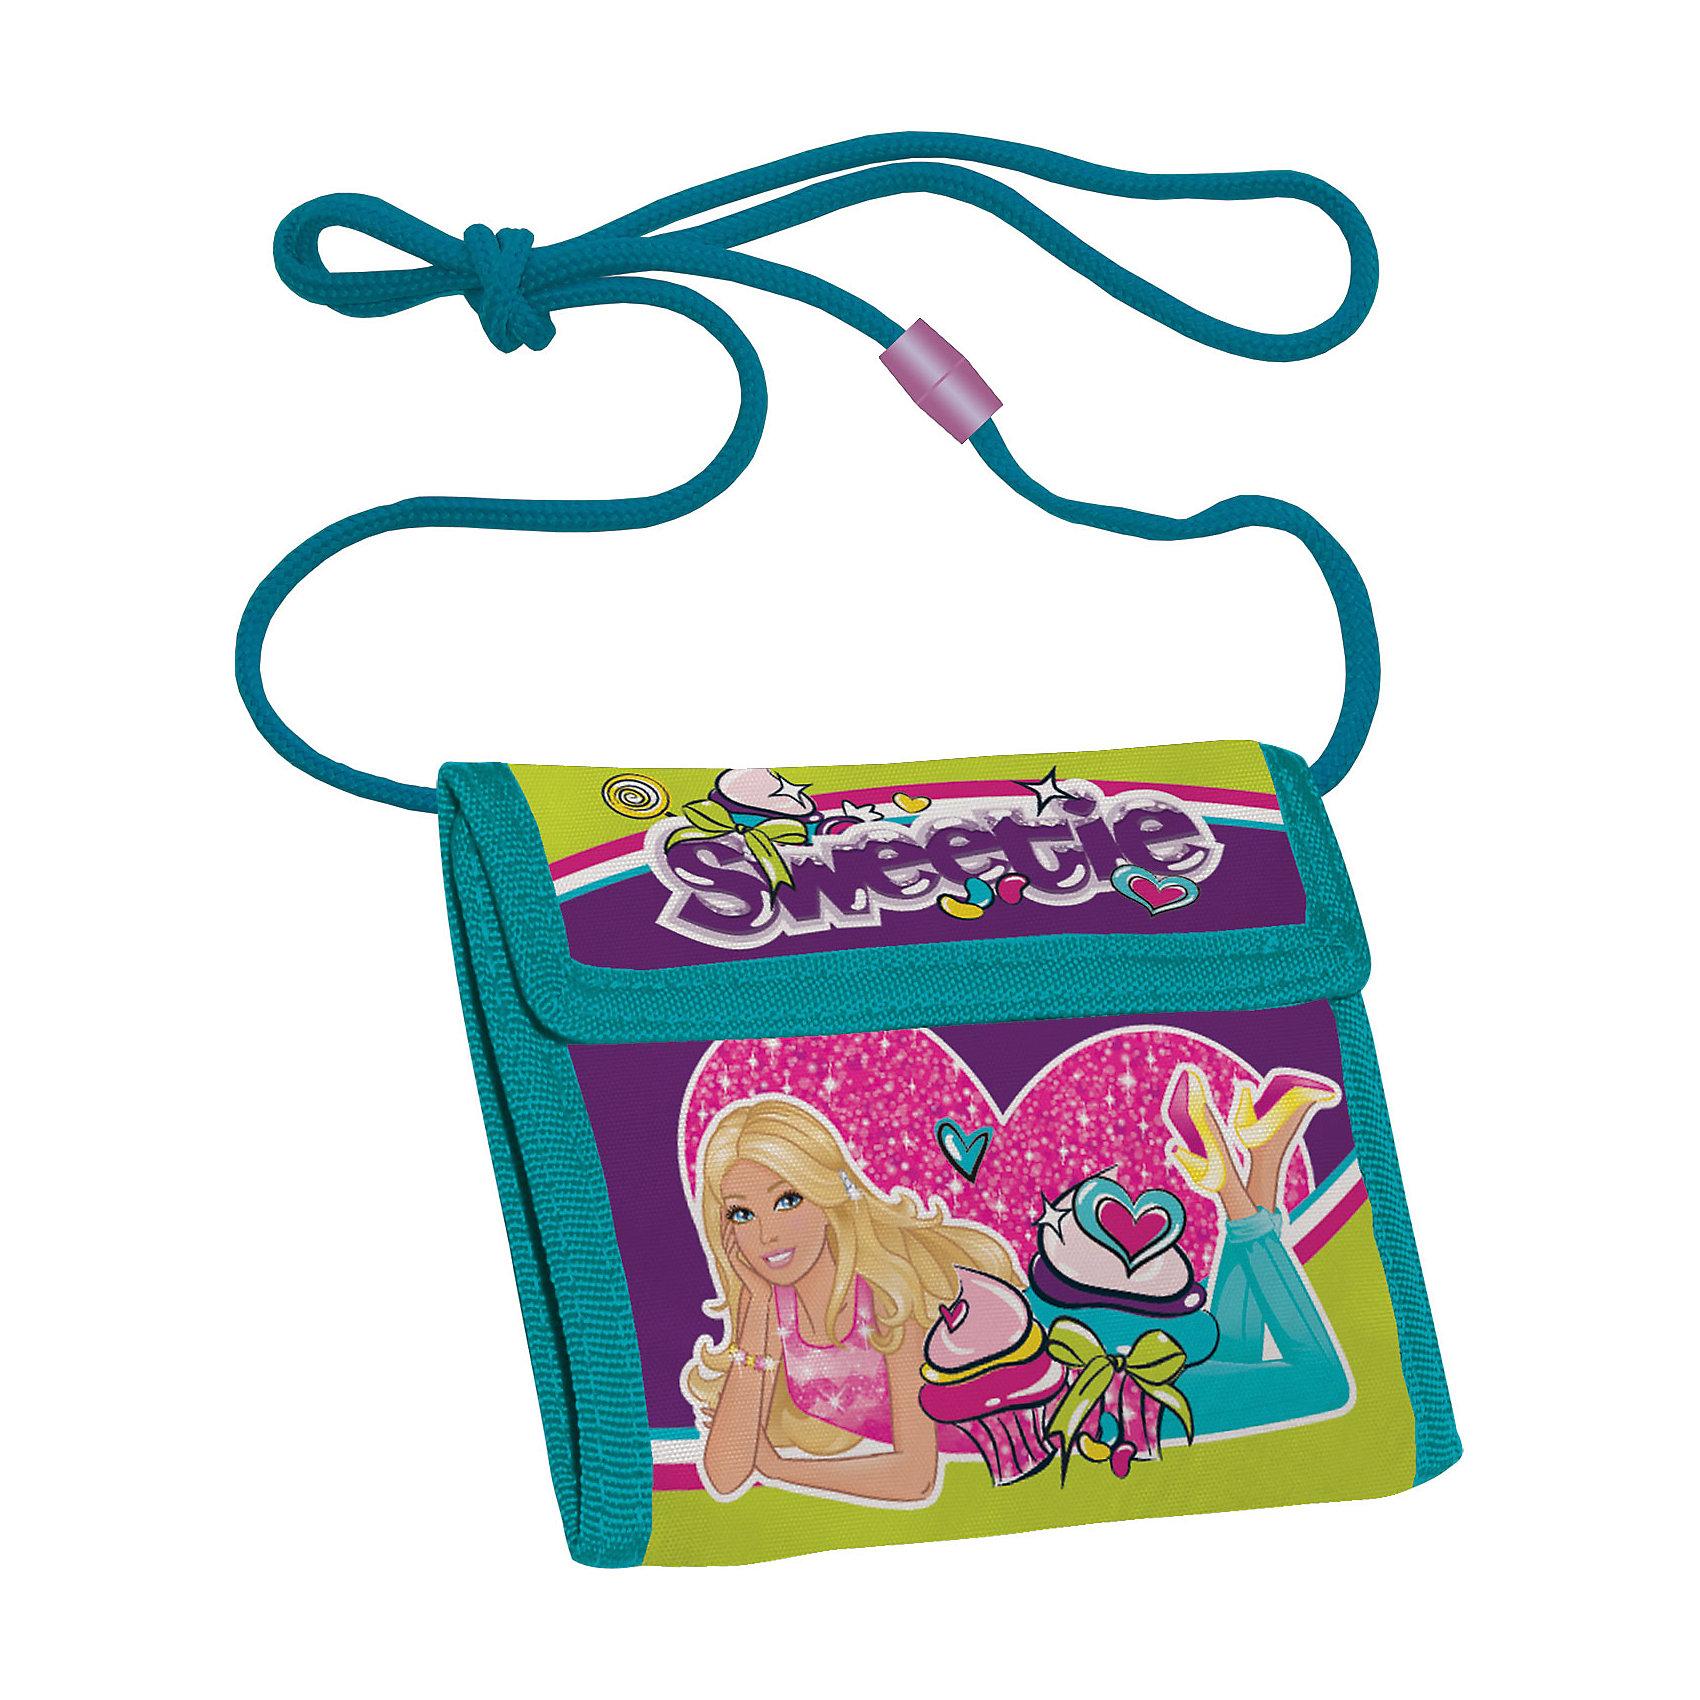 Кошелек BarbieBarbie<br>Кошелек прекрасно сохранит карманные деньги Вашего ребенка в целости и порядке. Изготовлен из прочного материала устойчивого к износу. Закрывается клапаном на липучке. Внутри есть карман для мелочи. Лямка-шнур длиной 80 см оснащена разъемным элементом для безопасности ребенка. <br> <br>Дополнительная информация:<br><br>Размер: 9 х 9(21) х 2 см. Кошелек детский на шнурке, внутреннее отделение с разделителями для купюр.<br><br>Кошелек Barbie (Барби) можно купить в нашем магазине.<br><br>Ширина мм: 90<br>Глубина мм: 90<br>Высота мм: 5<br>Вес г: 60<br>Возраст от месяцев: 96<br>Возраст до месяцев: 108<br>Пол: Женский<br>Возраст: Детский<br>SKU: 4140941